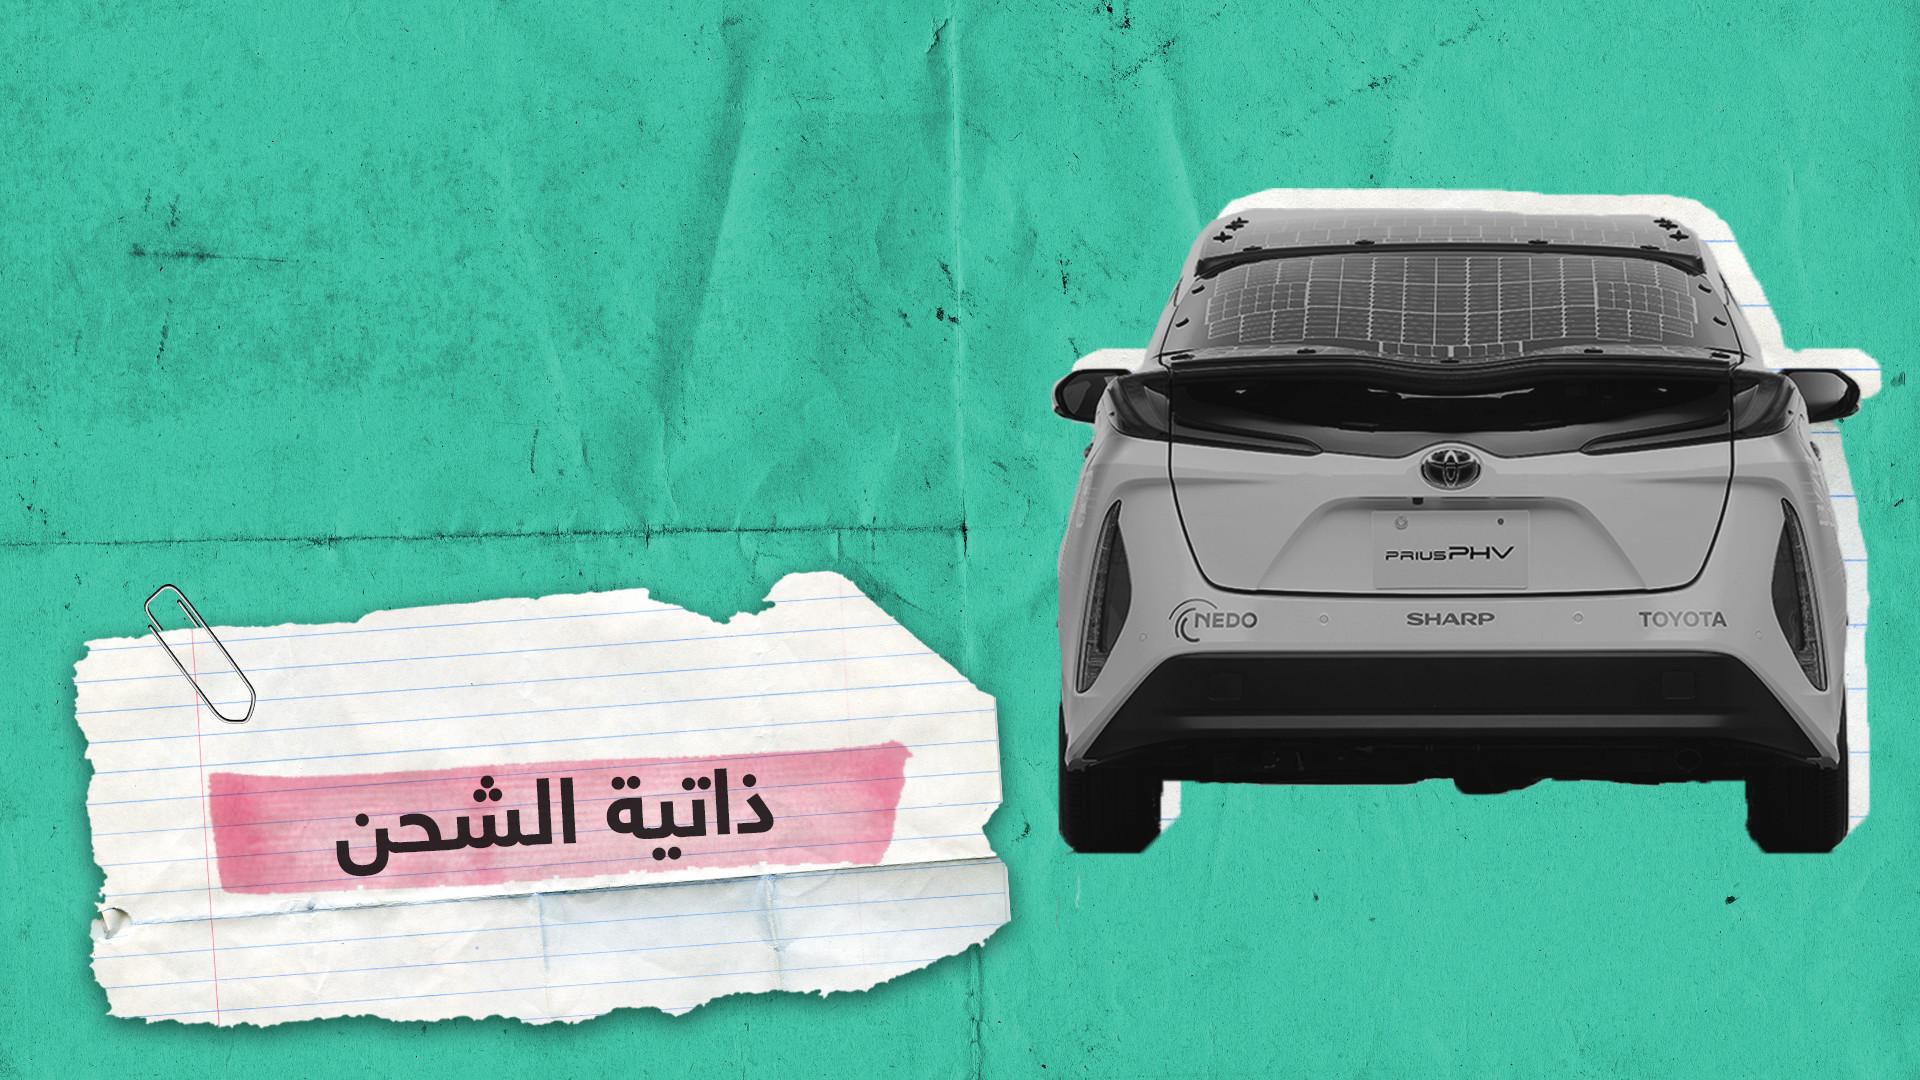 تويوتا تختبر سيارة تعمل دون أي تكاليف! تعرف عليها - RT-Arabic